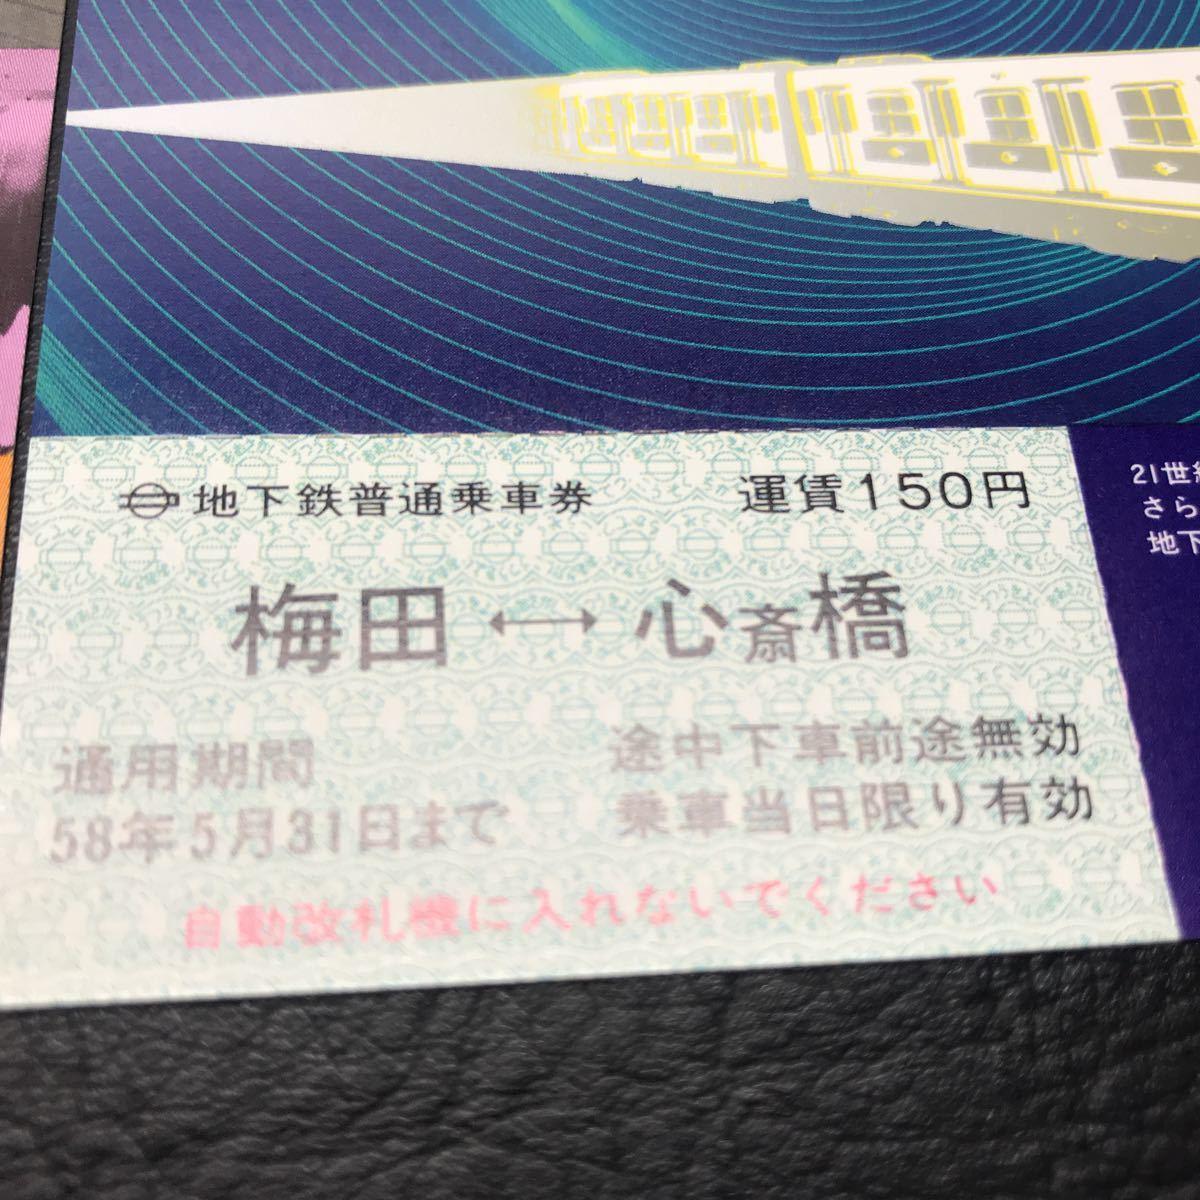 1111 大阪市交通局 地下鉄開通50周年記念乗車券 昭和58年 4枚 当時物 コレクション 鉄道資料_画像9